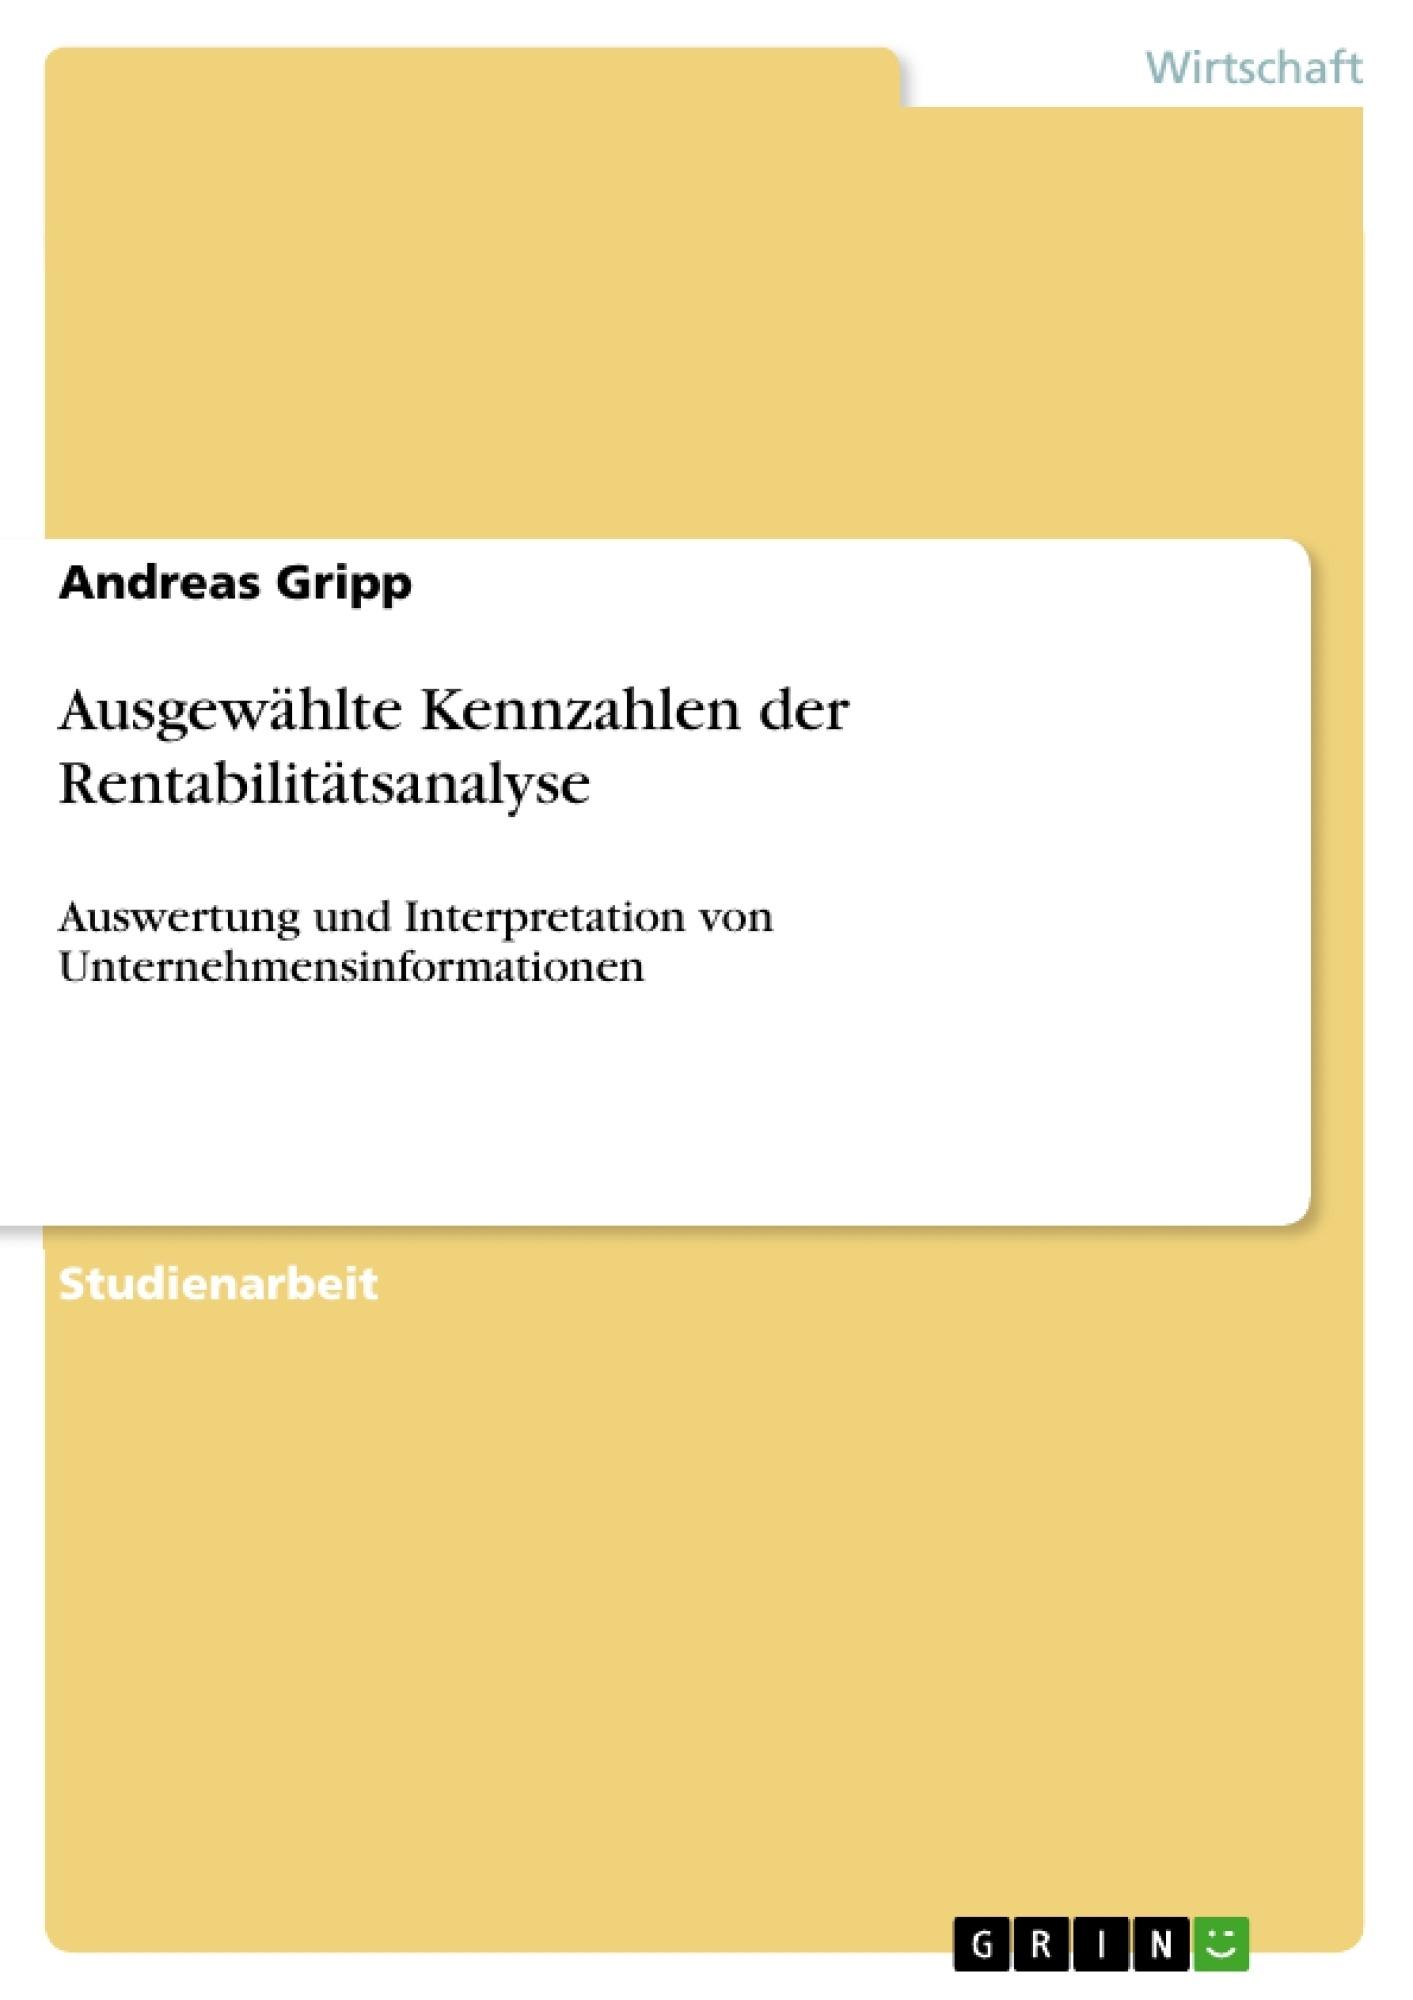 Titel: Ausgewählte Kennzahlen der Rentabilitätsanalyse